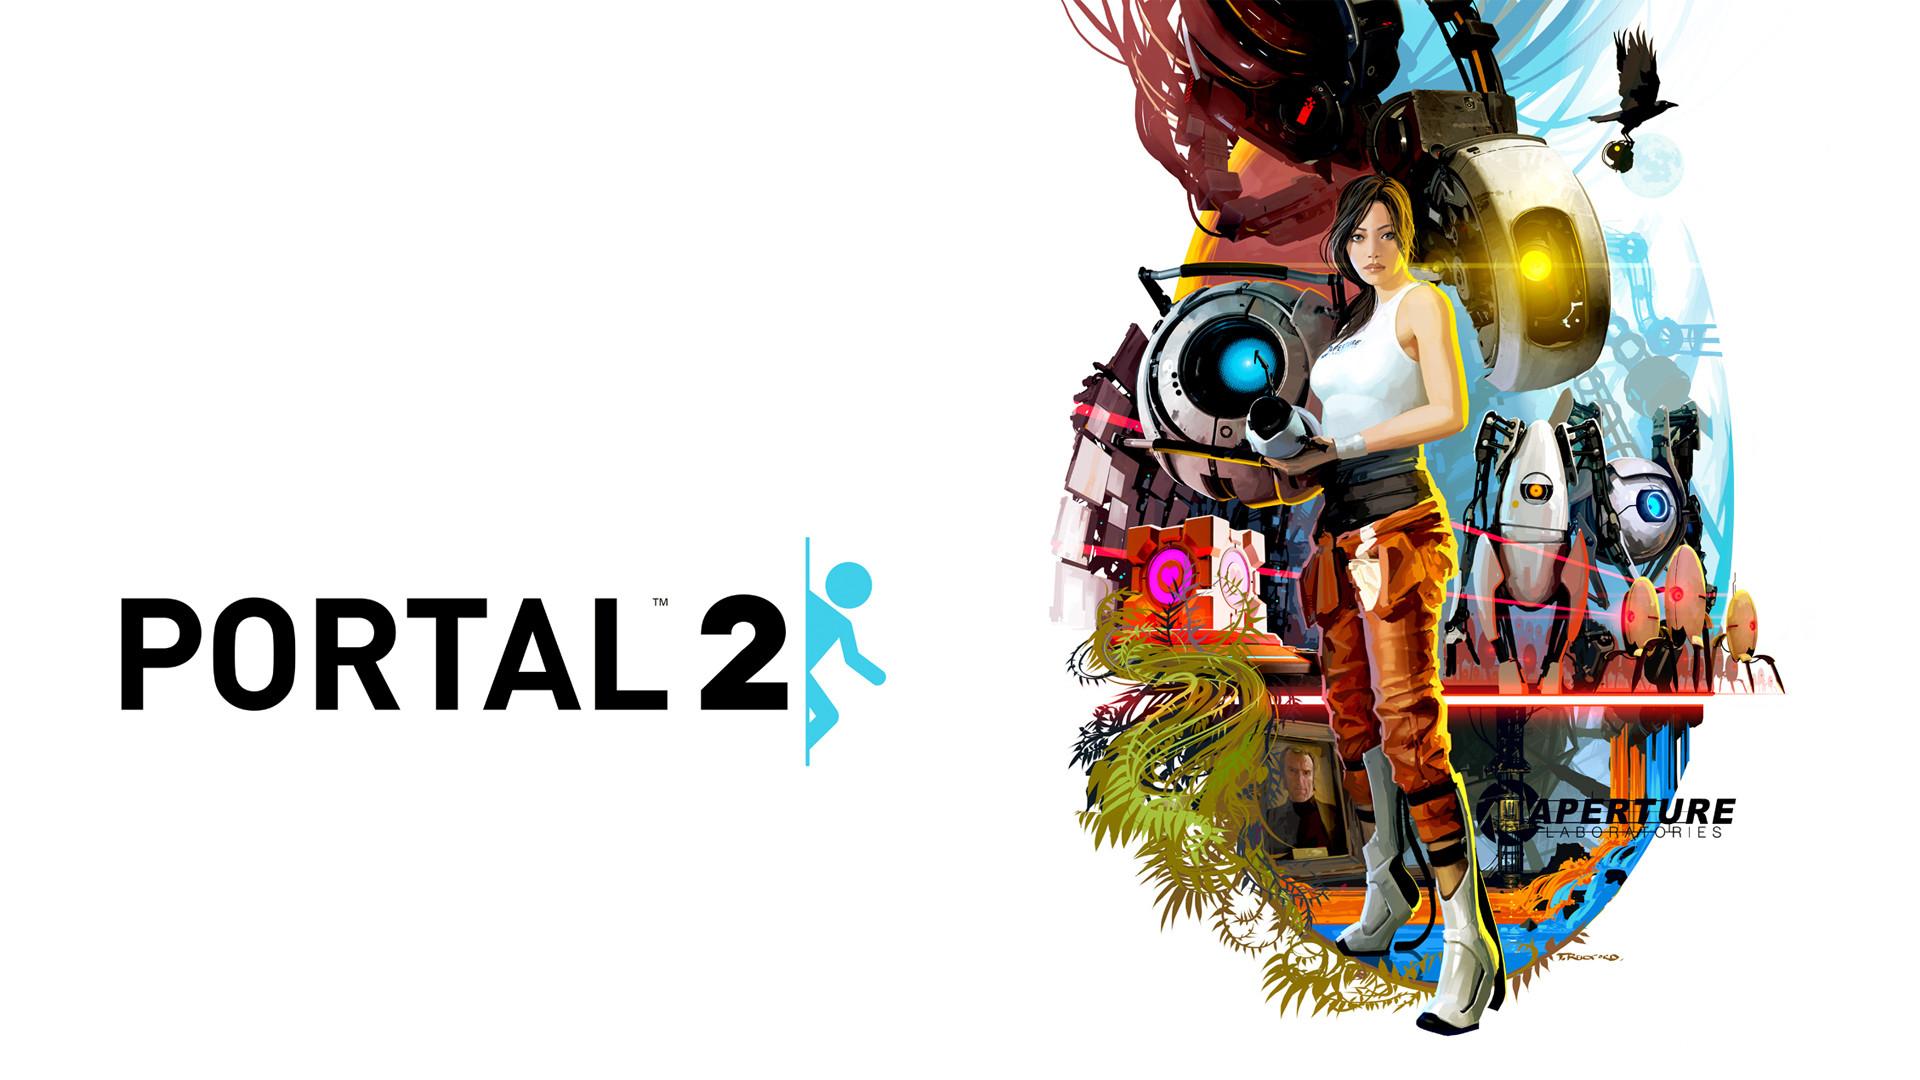 Awesome Portal 2 Wallpaper